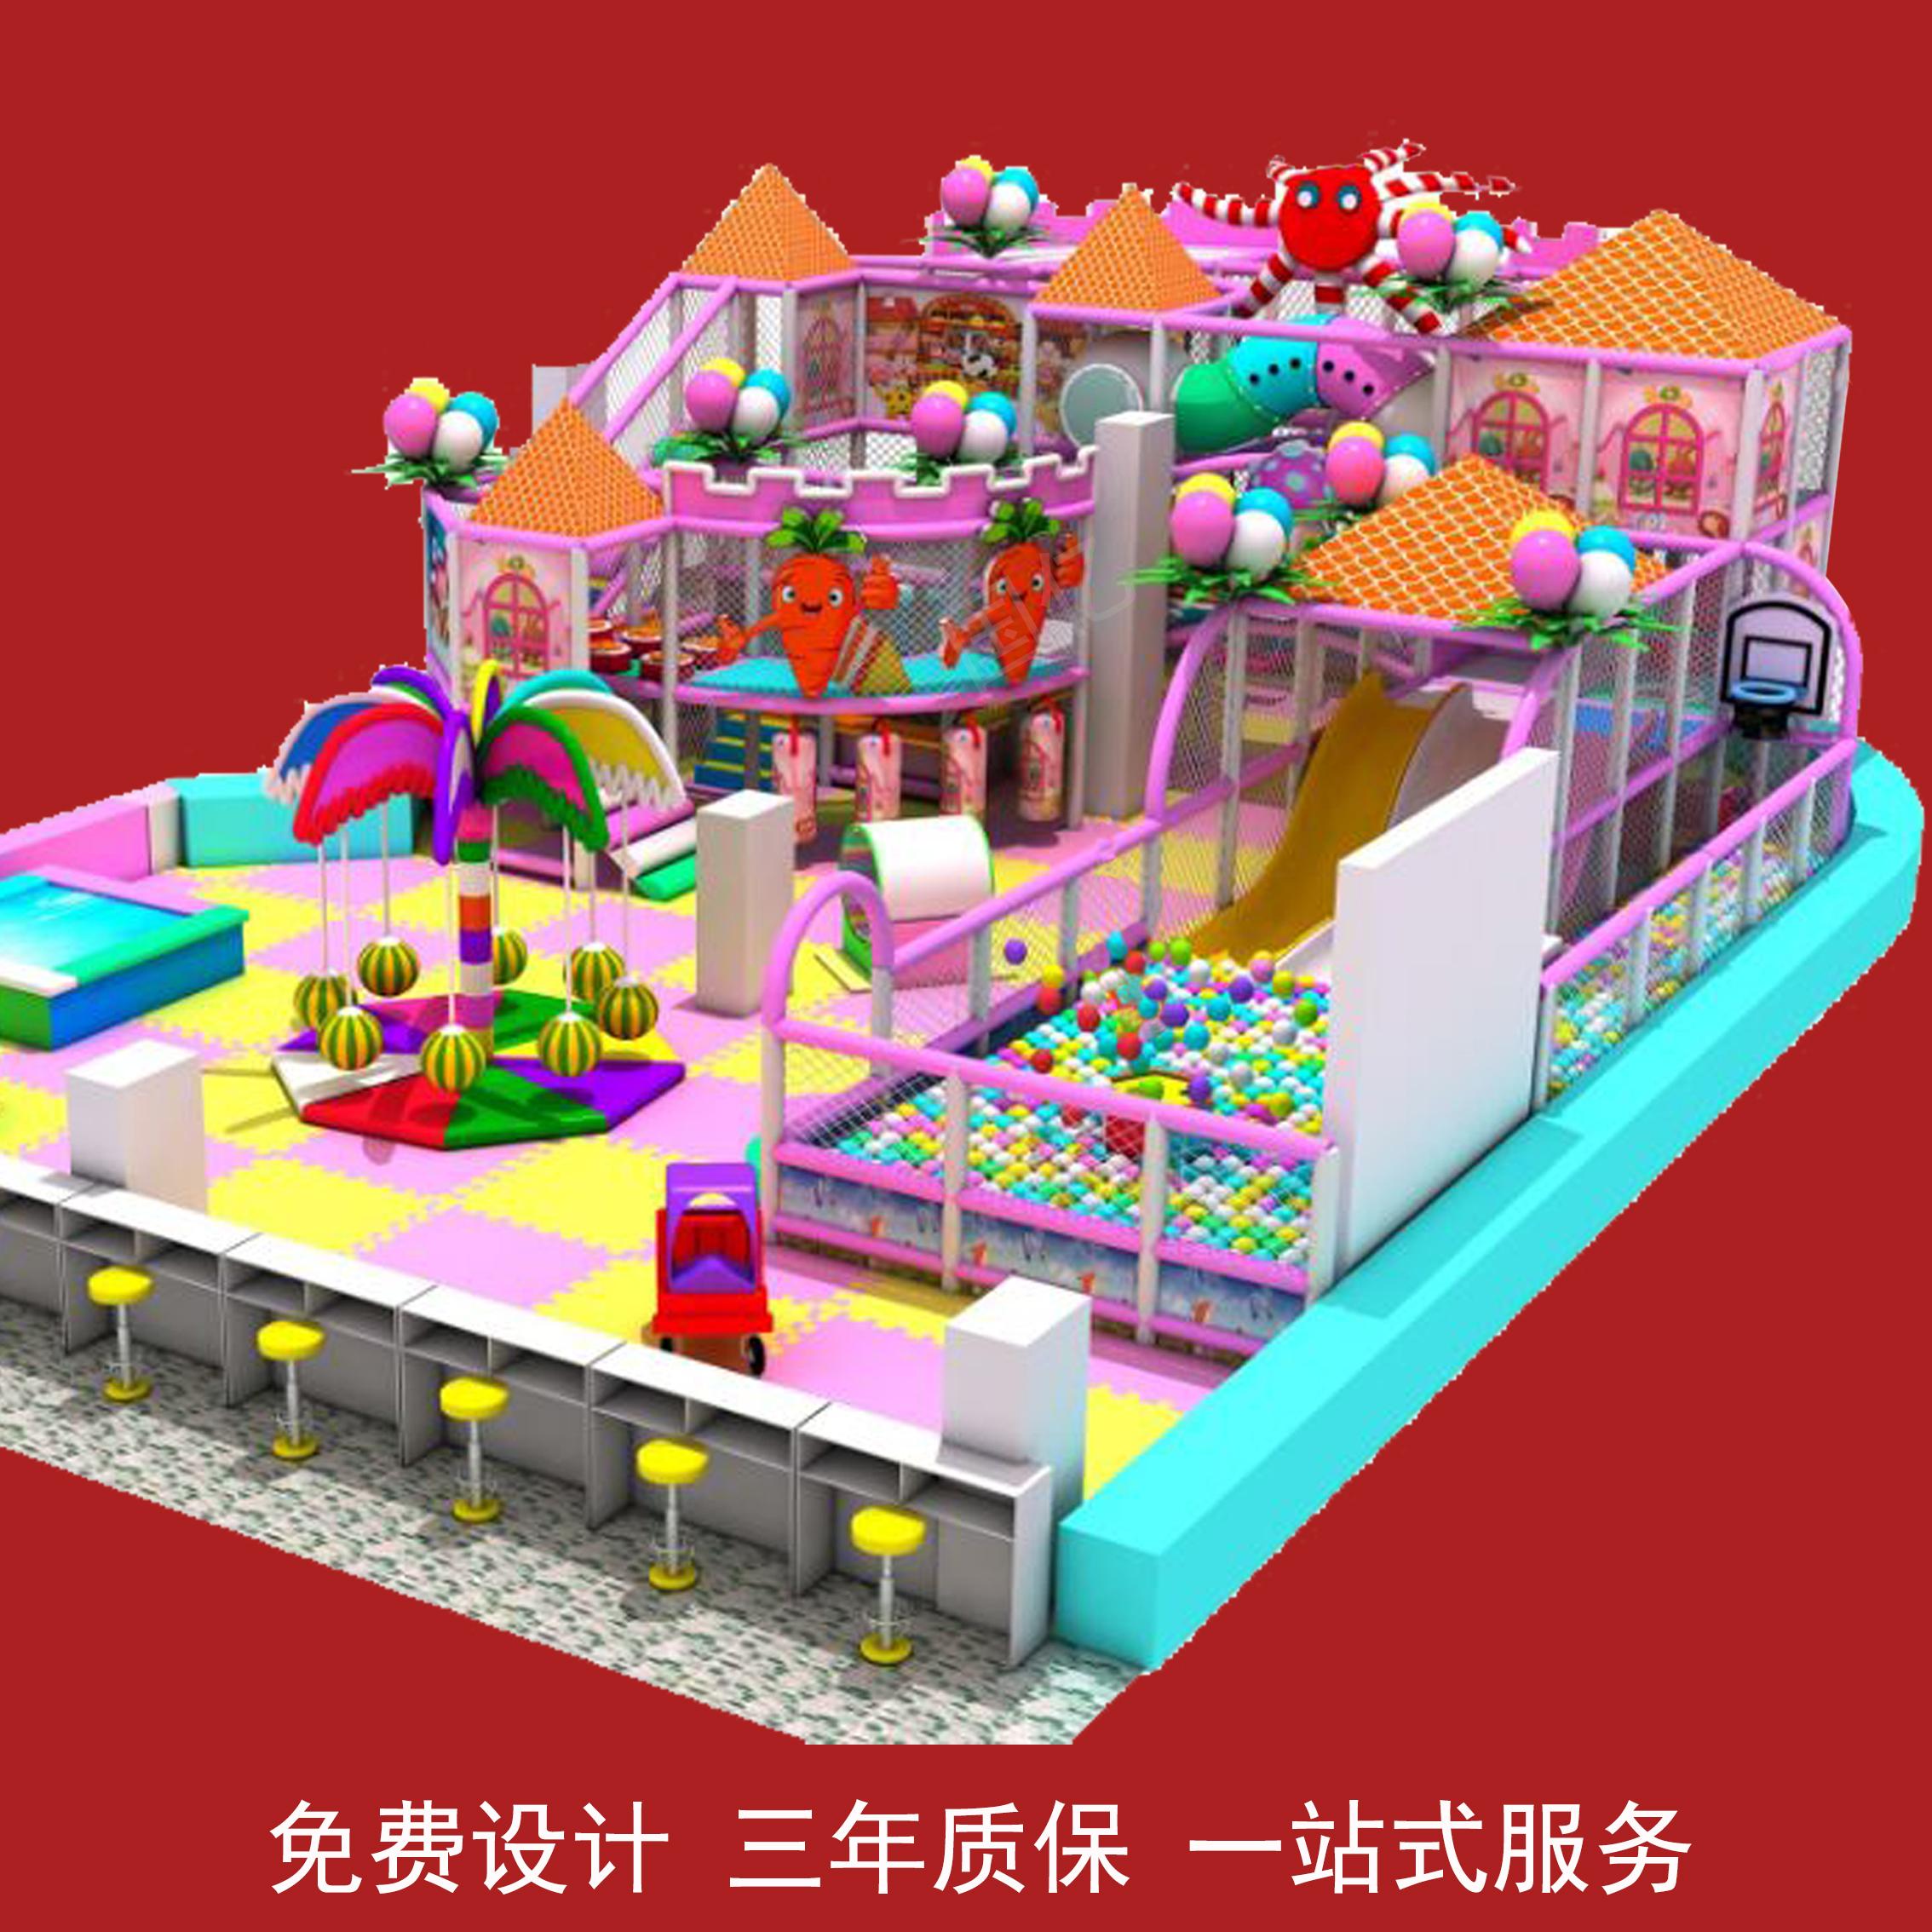 10年工厂淘气堡儿童乐园游乐场幼儿园室内滑梯设备游乐园加盟硕童